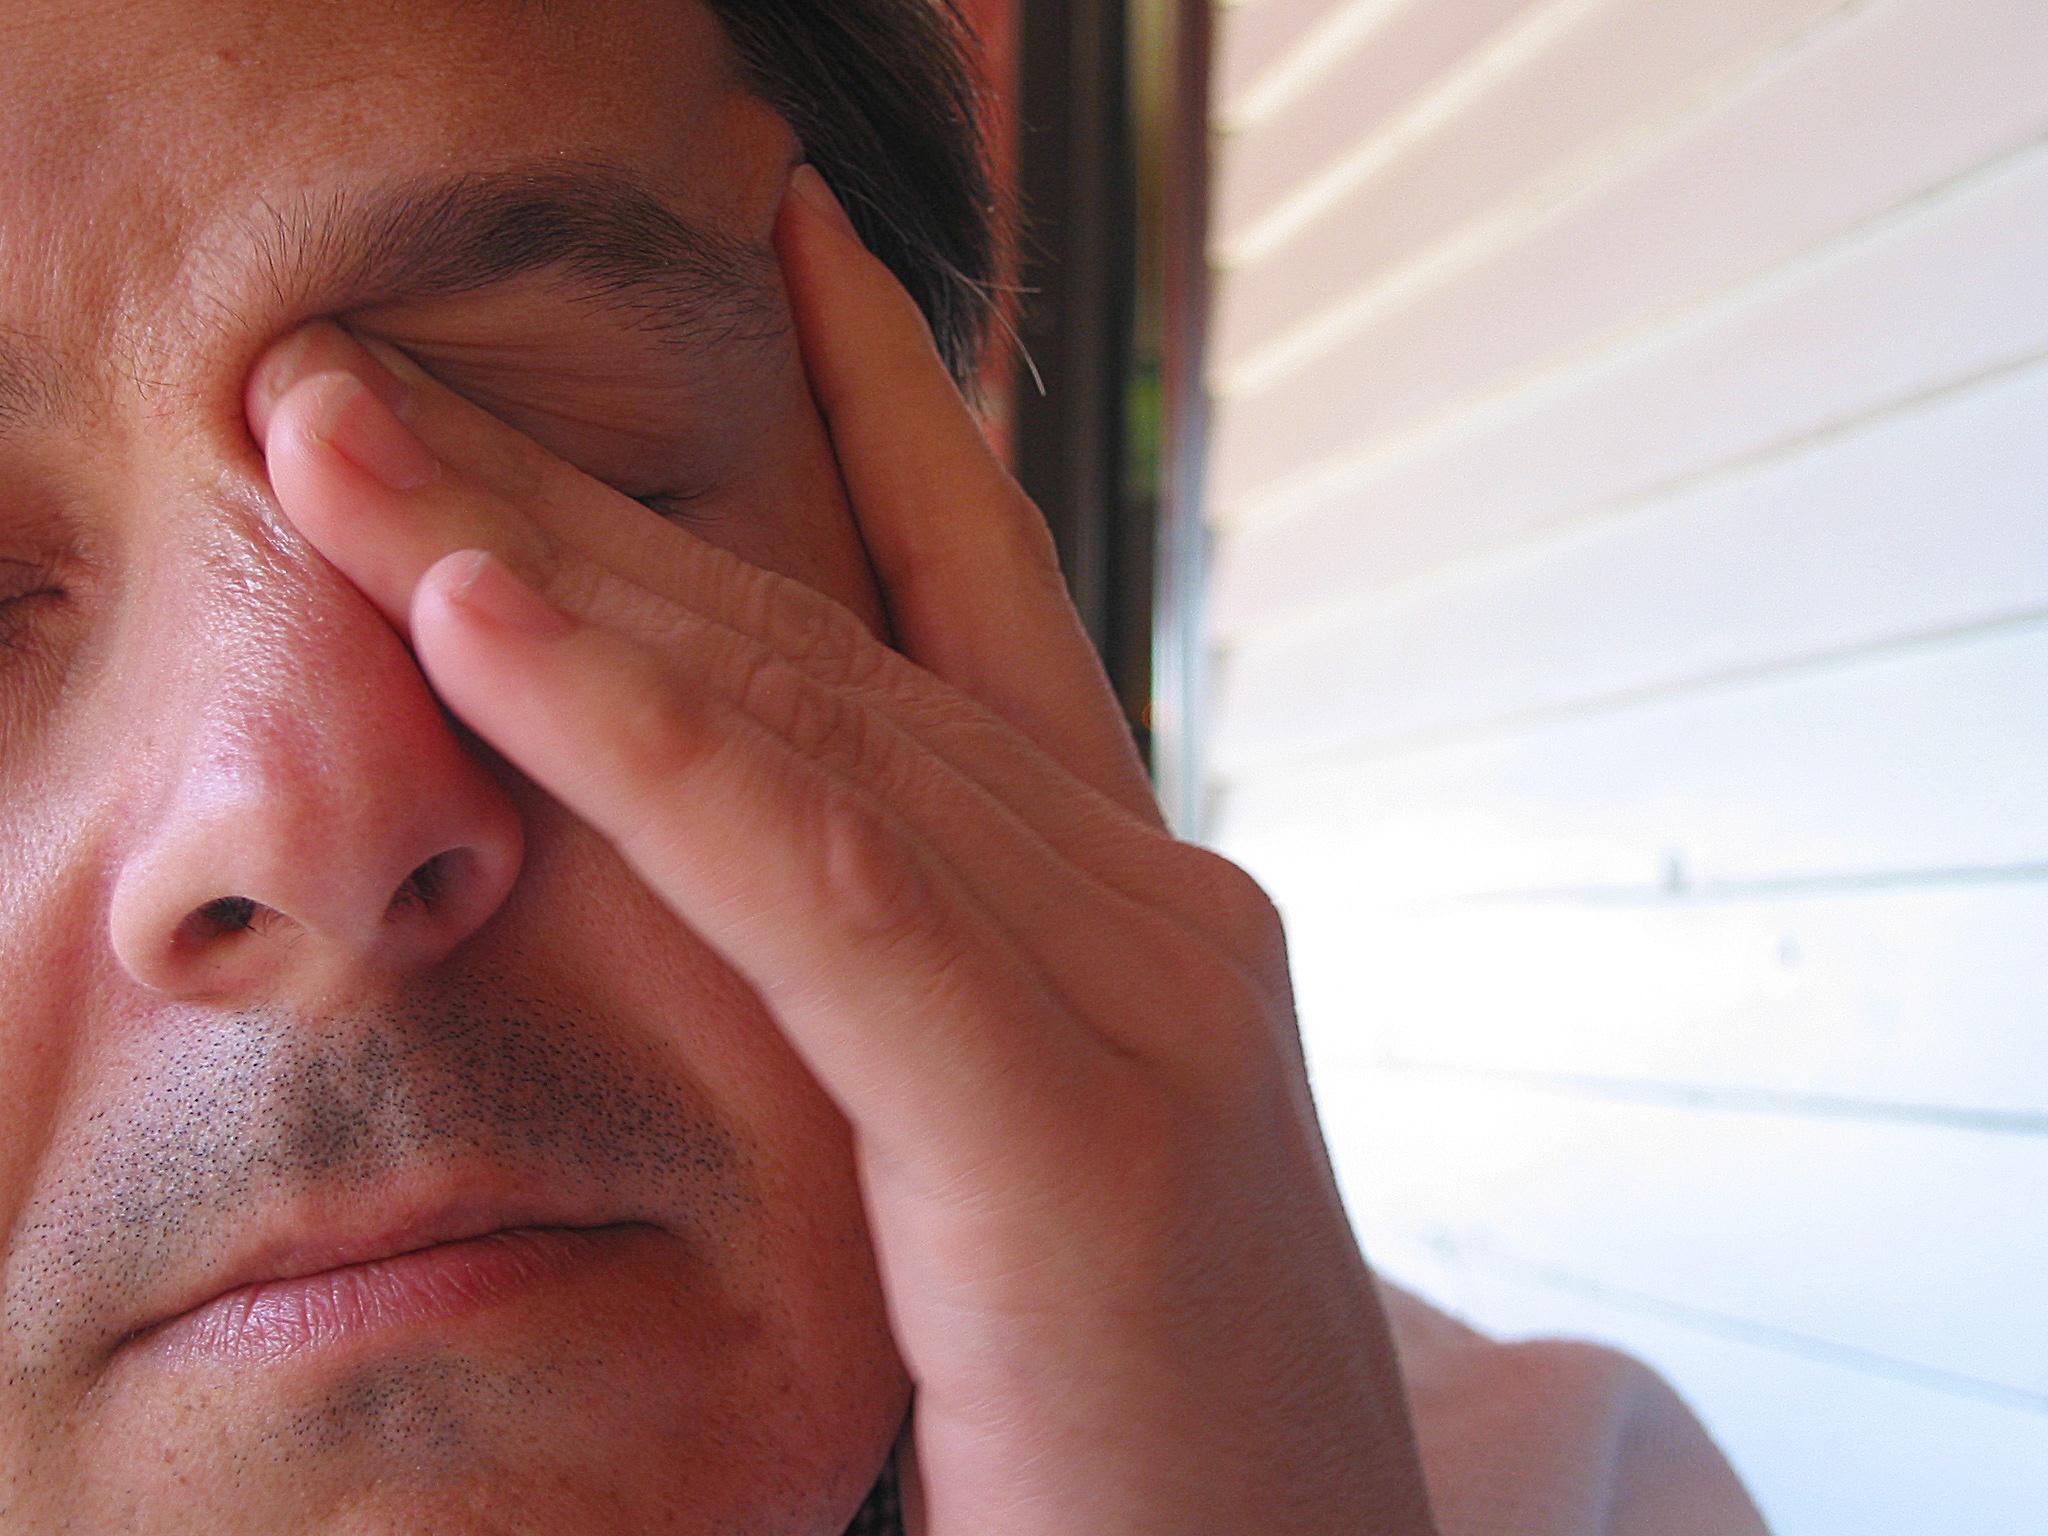 Altijd moe? Deze karaktereigenschappen kunnen de oorzaak zijn